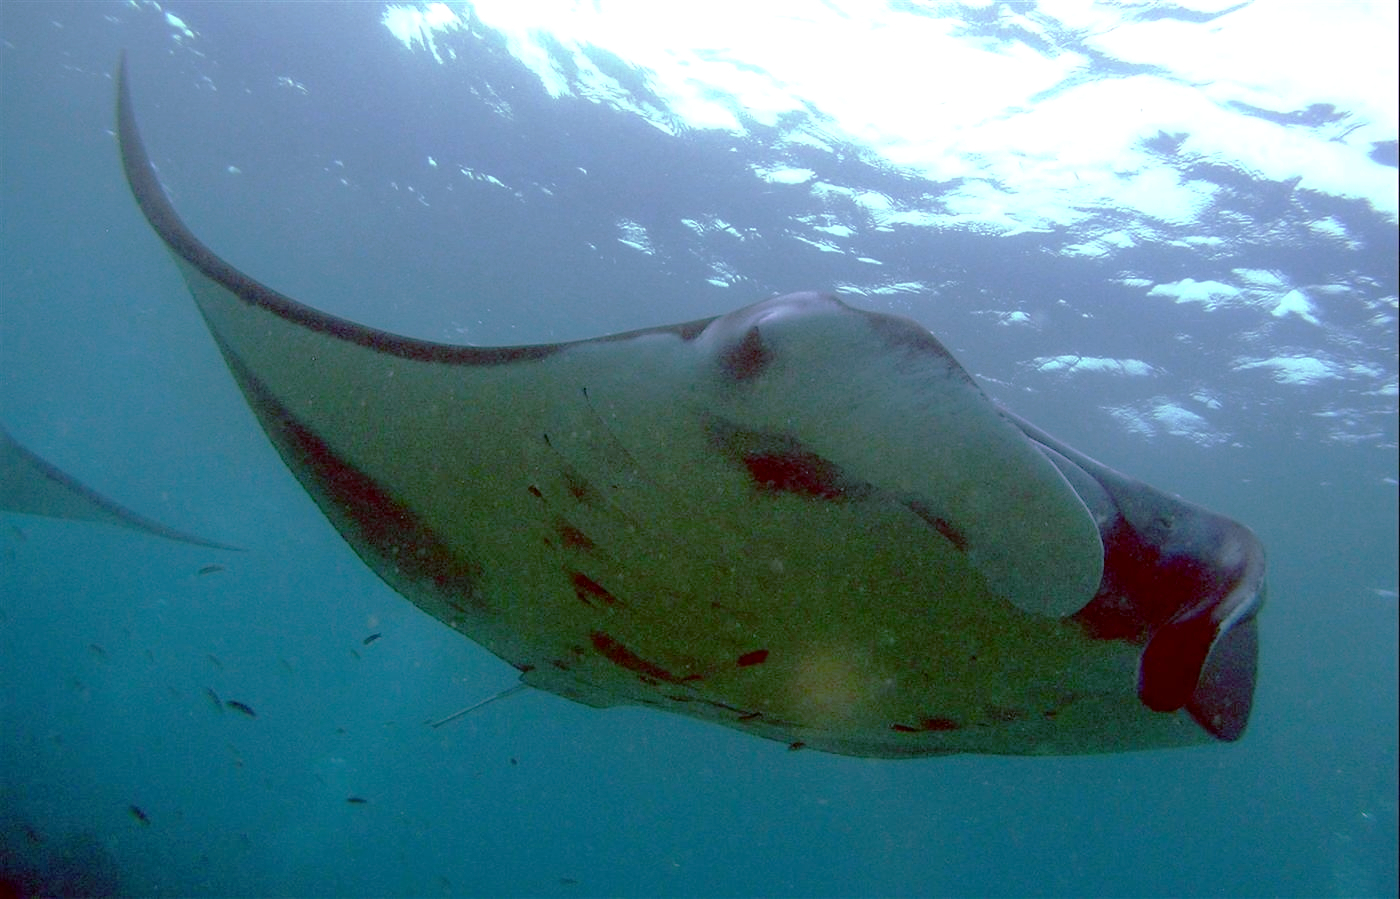 Image of Giant manta